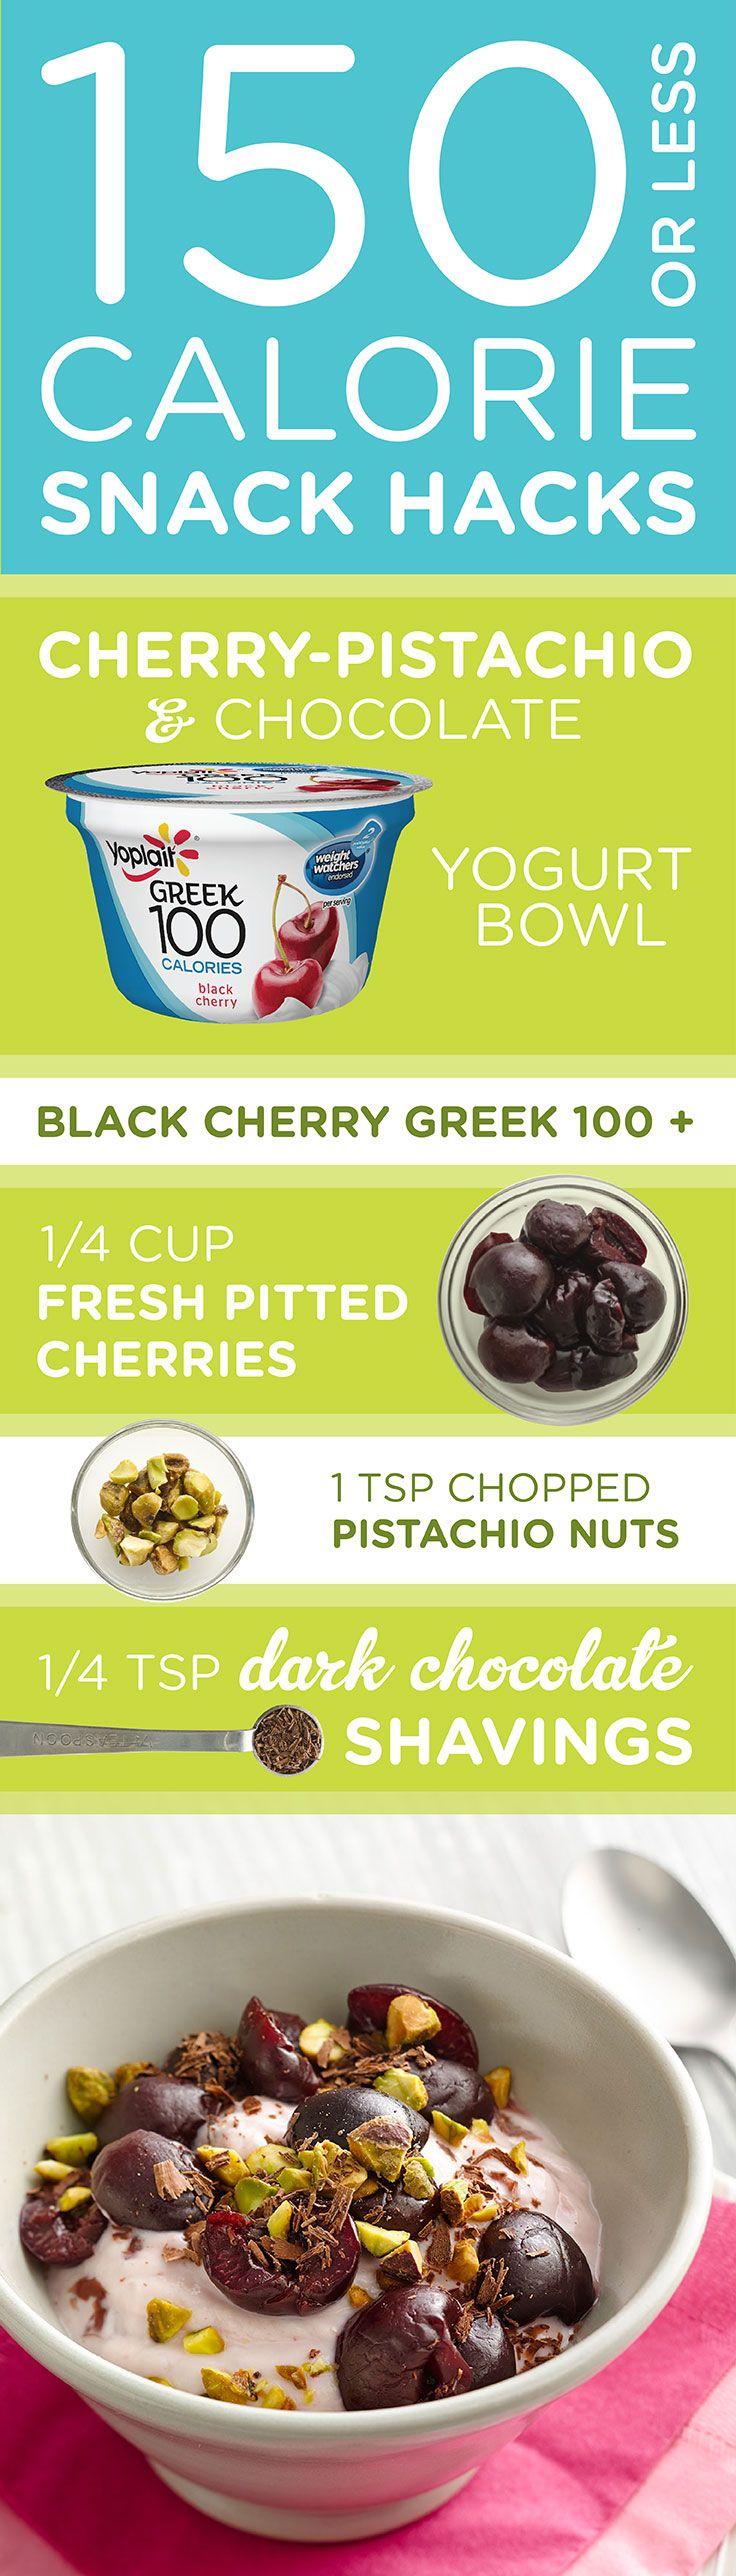 13 Best Images About Yoplait 150 Calorie Snack Hacks On